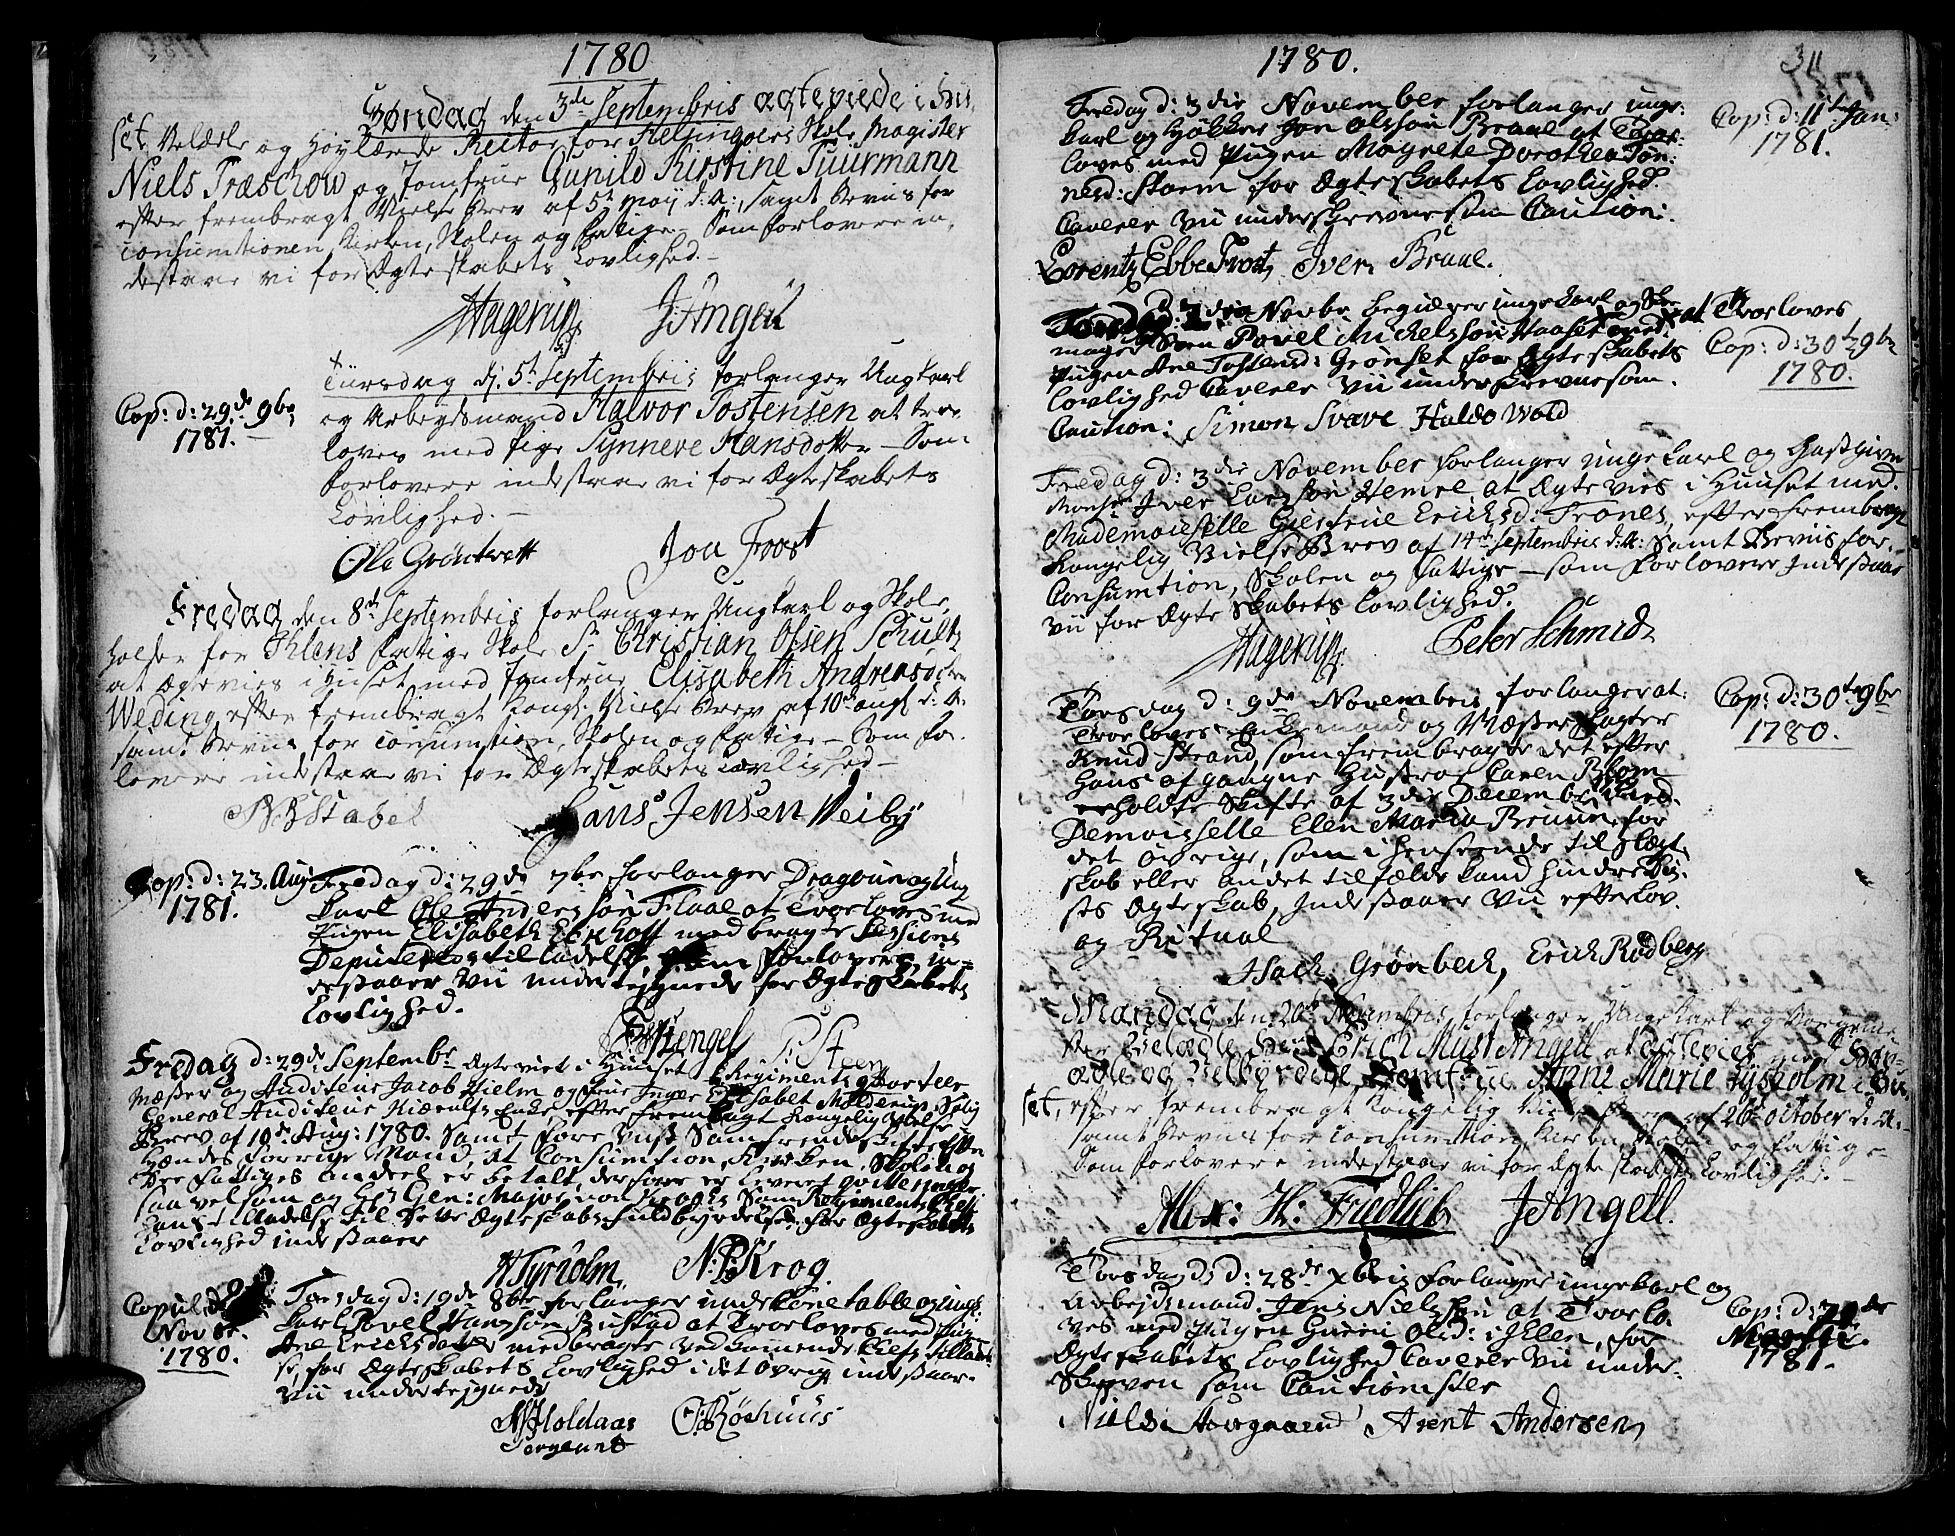 SAT, Ministerialprotokoller, klokkerbøker og fødselsregistre - Sør-Trøndelag, 601/L0038: Ministerialbok nr. 601A06, 1766-1877, s. 311